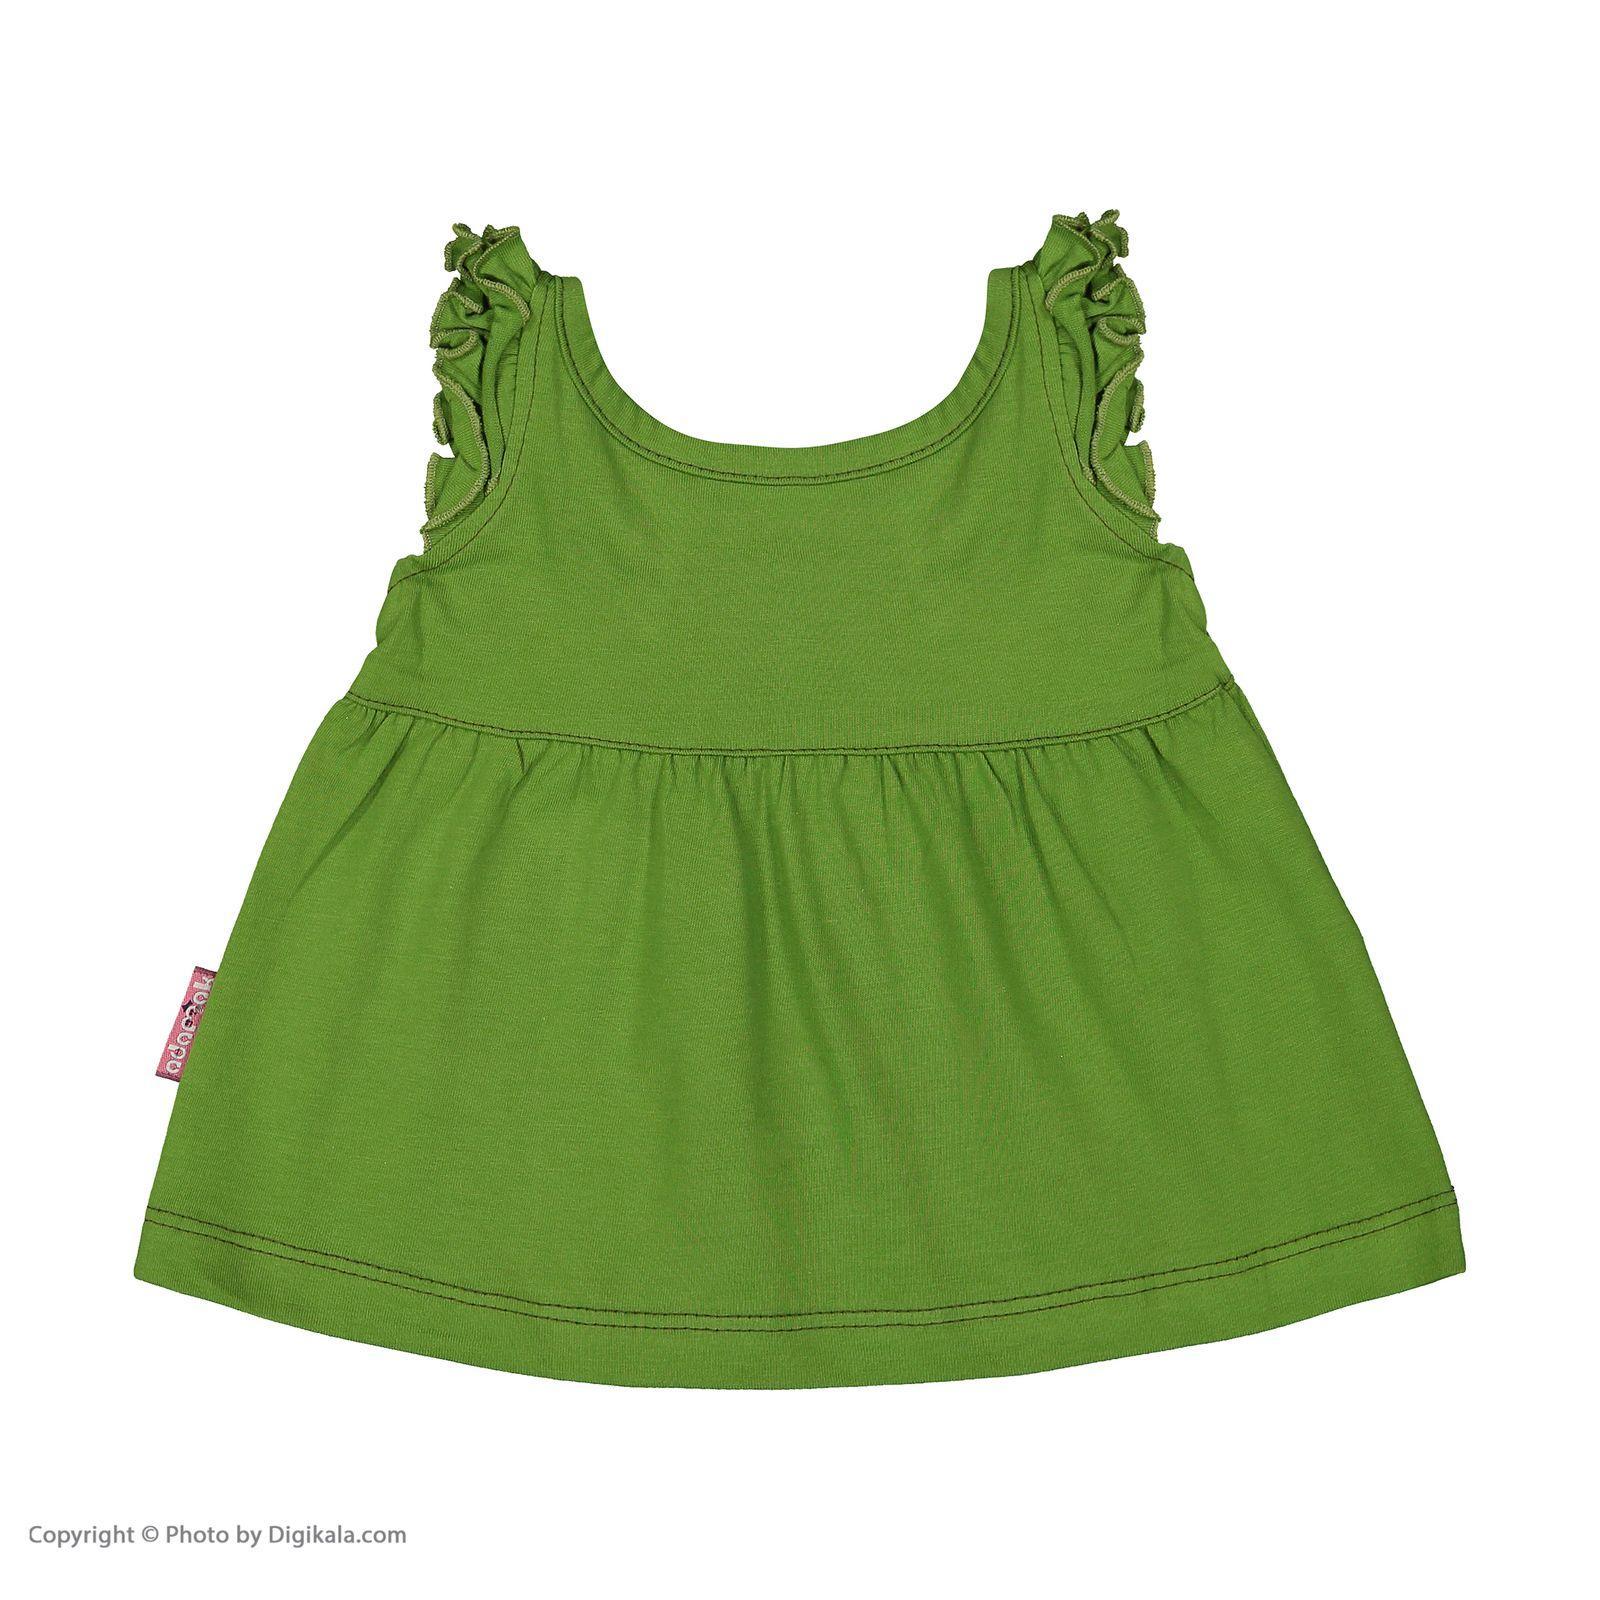 ست پیراهن و شورت نوزادی دخترانه مدل 2171111-42 -  - 6